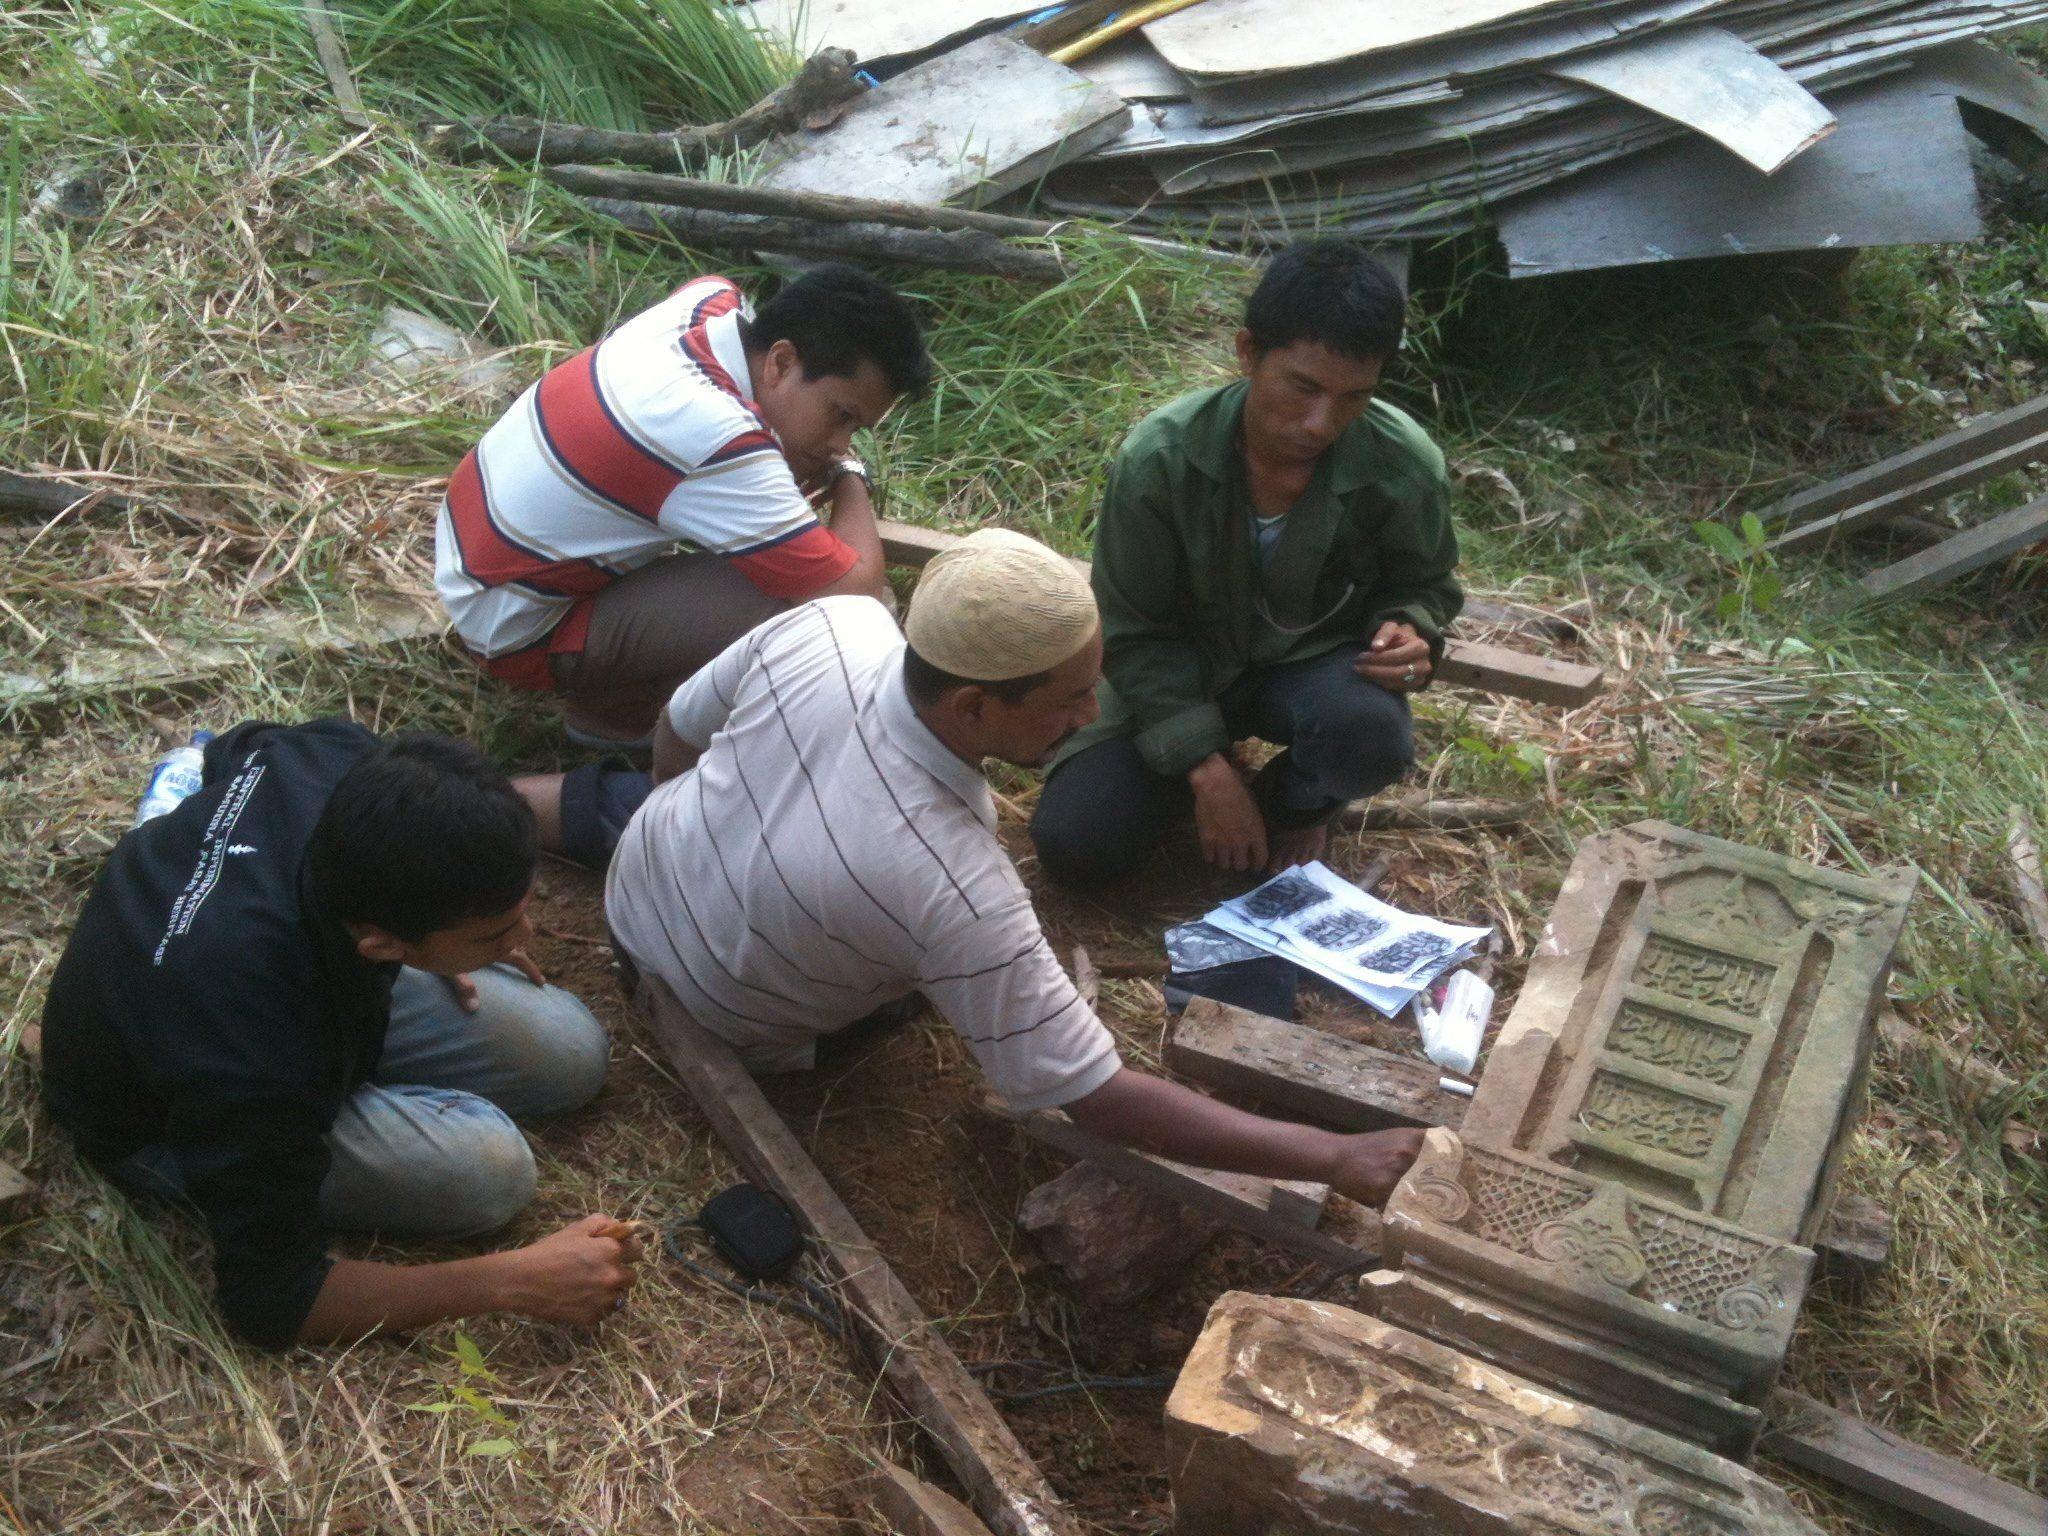 GAM Hasan Tiro Dan Formalisasi Syariat Islam Kaum Muda